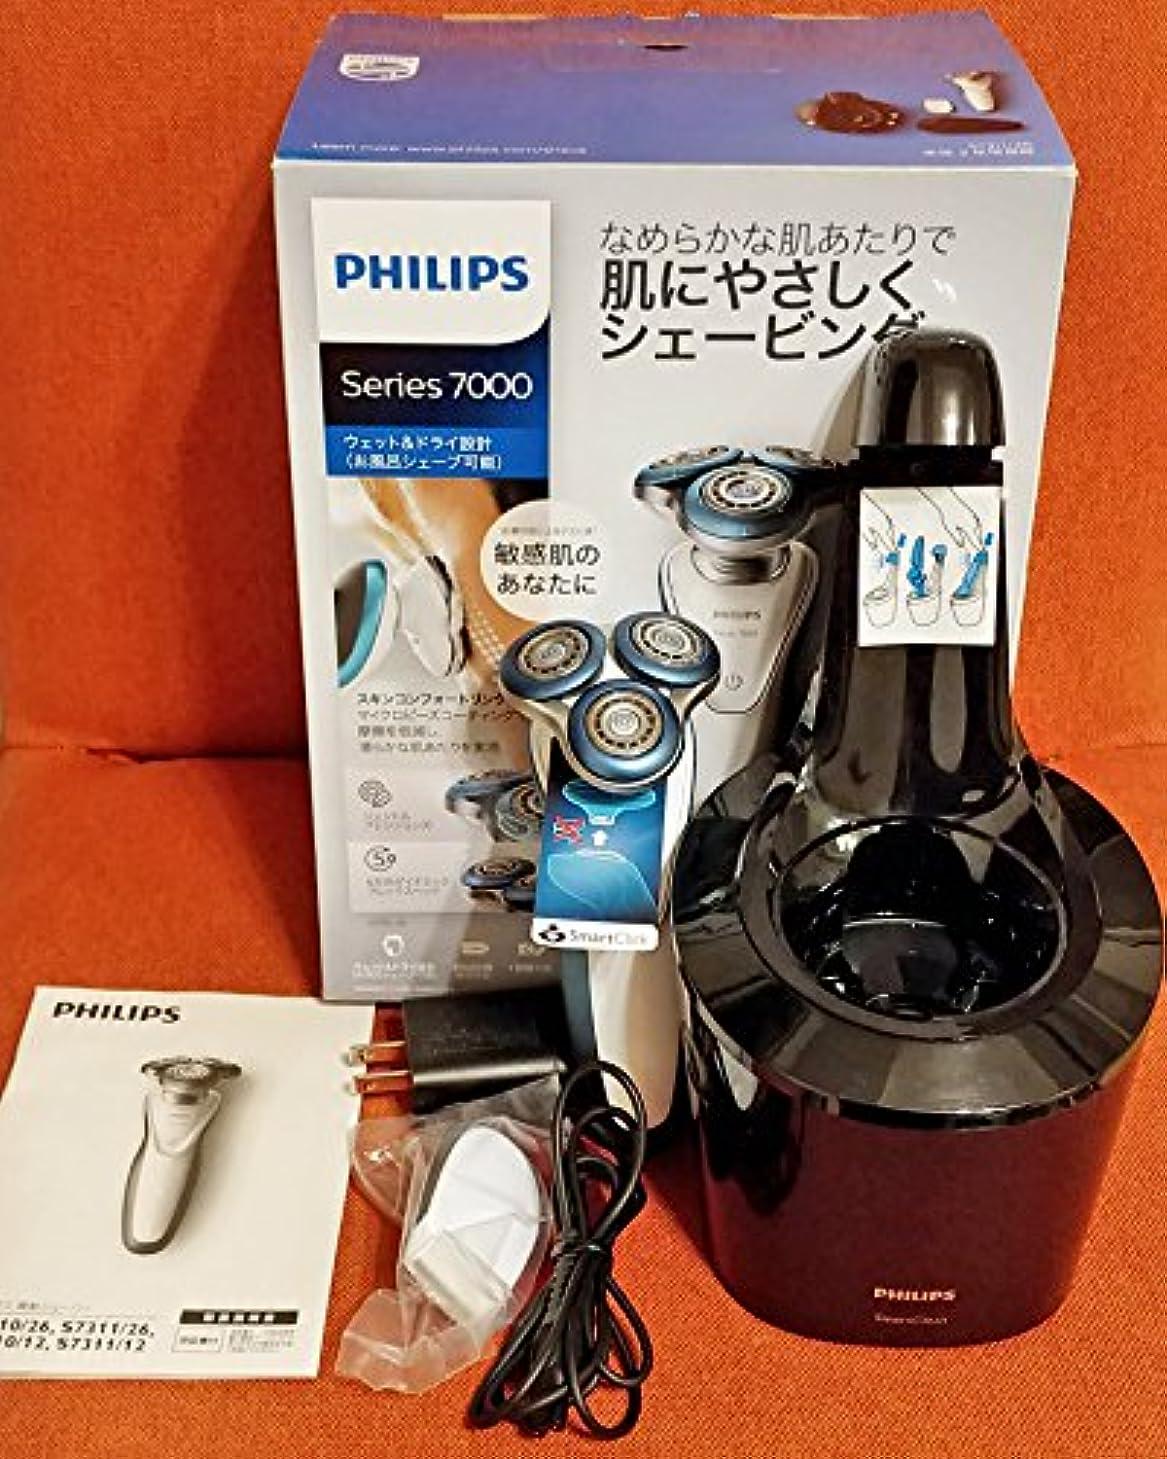 アジャ大使乳フィリップス メンズシェーバーPHILIPS 7000シリーズ ウェット&ドライ S7311/26